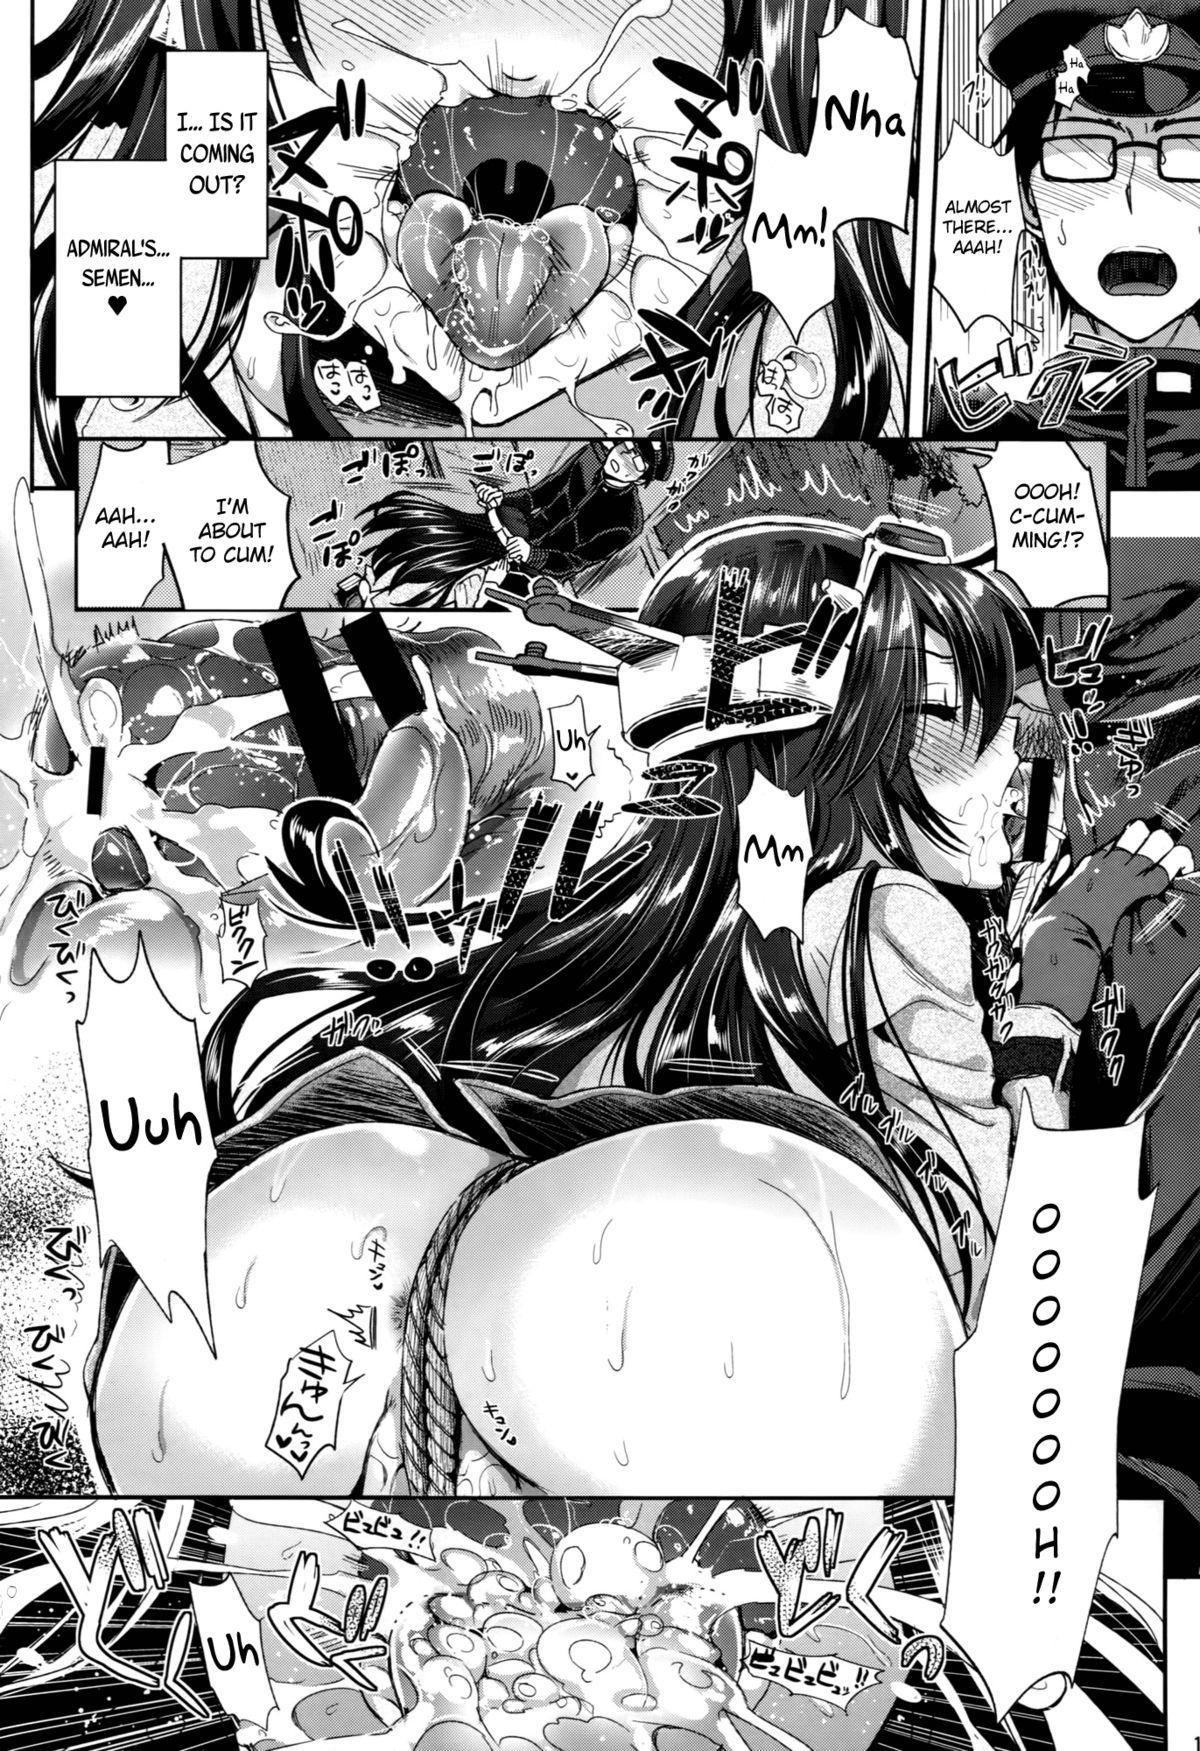 (C87) [YURIRU-RARIKA (Kojima Saya, Lazu)] Senkan Nagato to Hentai Teitoku (Sono Ni)   Battleship Nagato and Perverted Admiral (Part 2) (Kantai Collection -KanColle-) [English] [MintVoid] 8